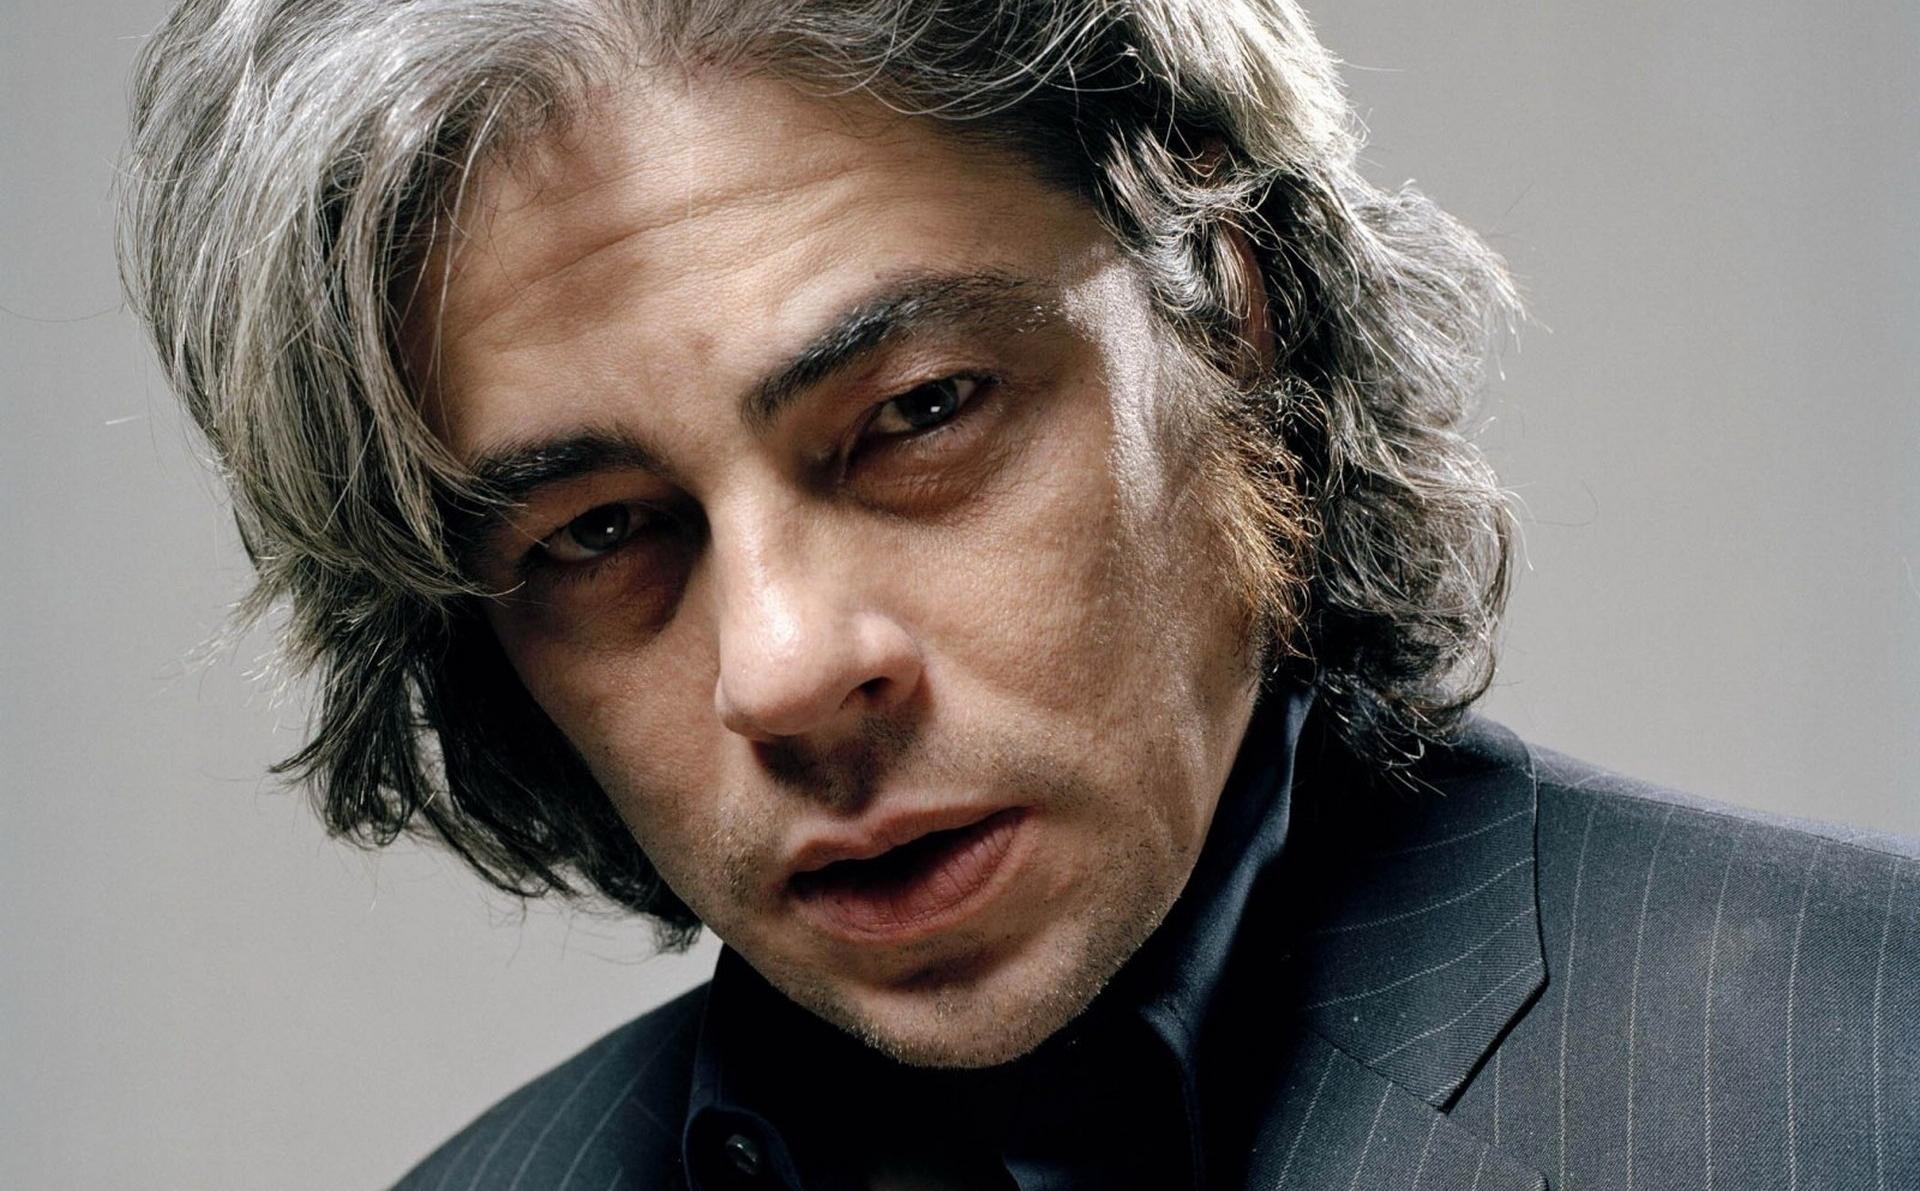 Benicio Del Toro's 'Guardians Of The Galaxy' Role Revealed